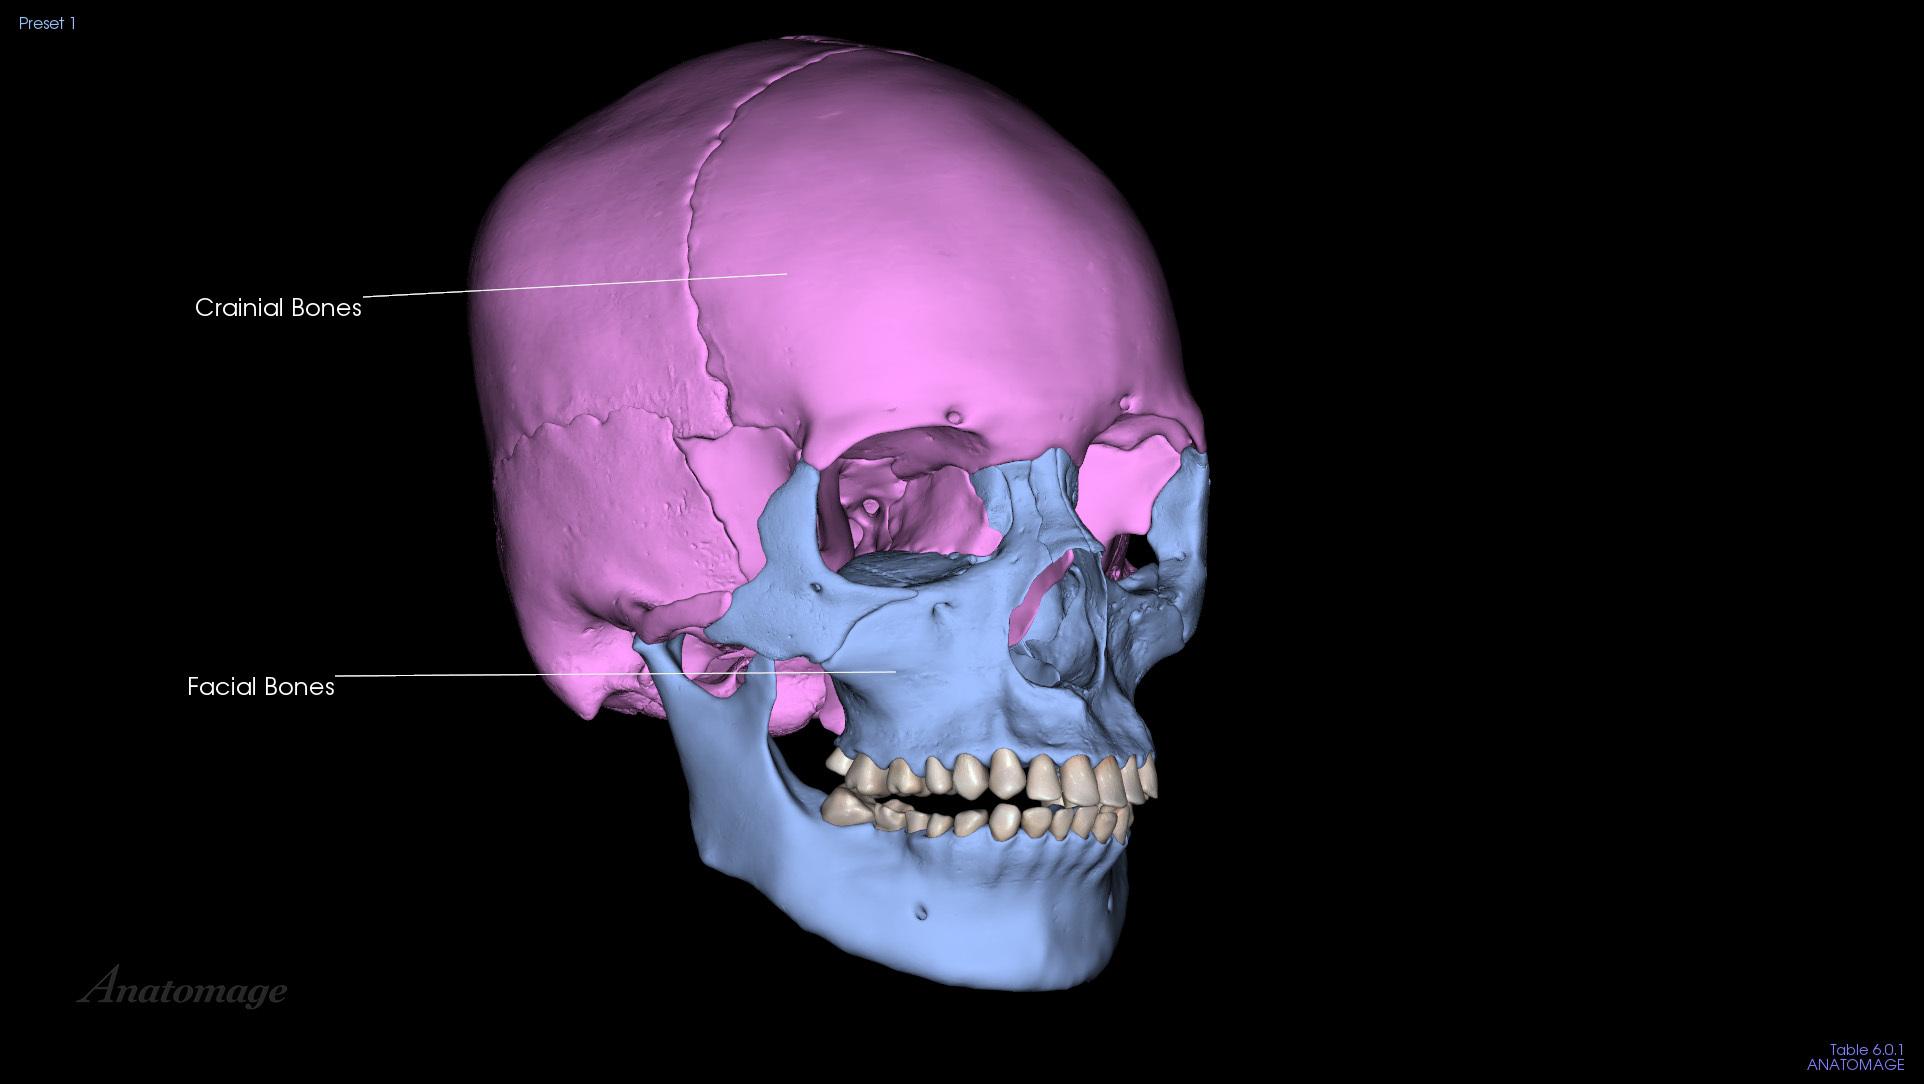 Cranial + Facial Bones